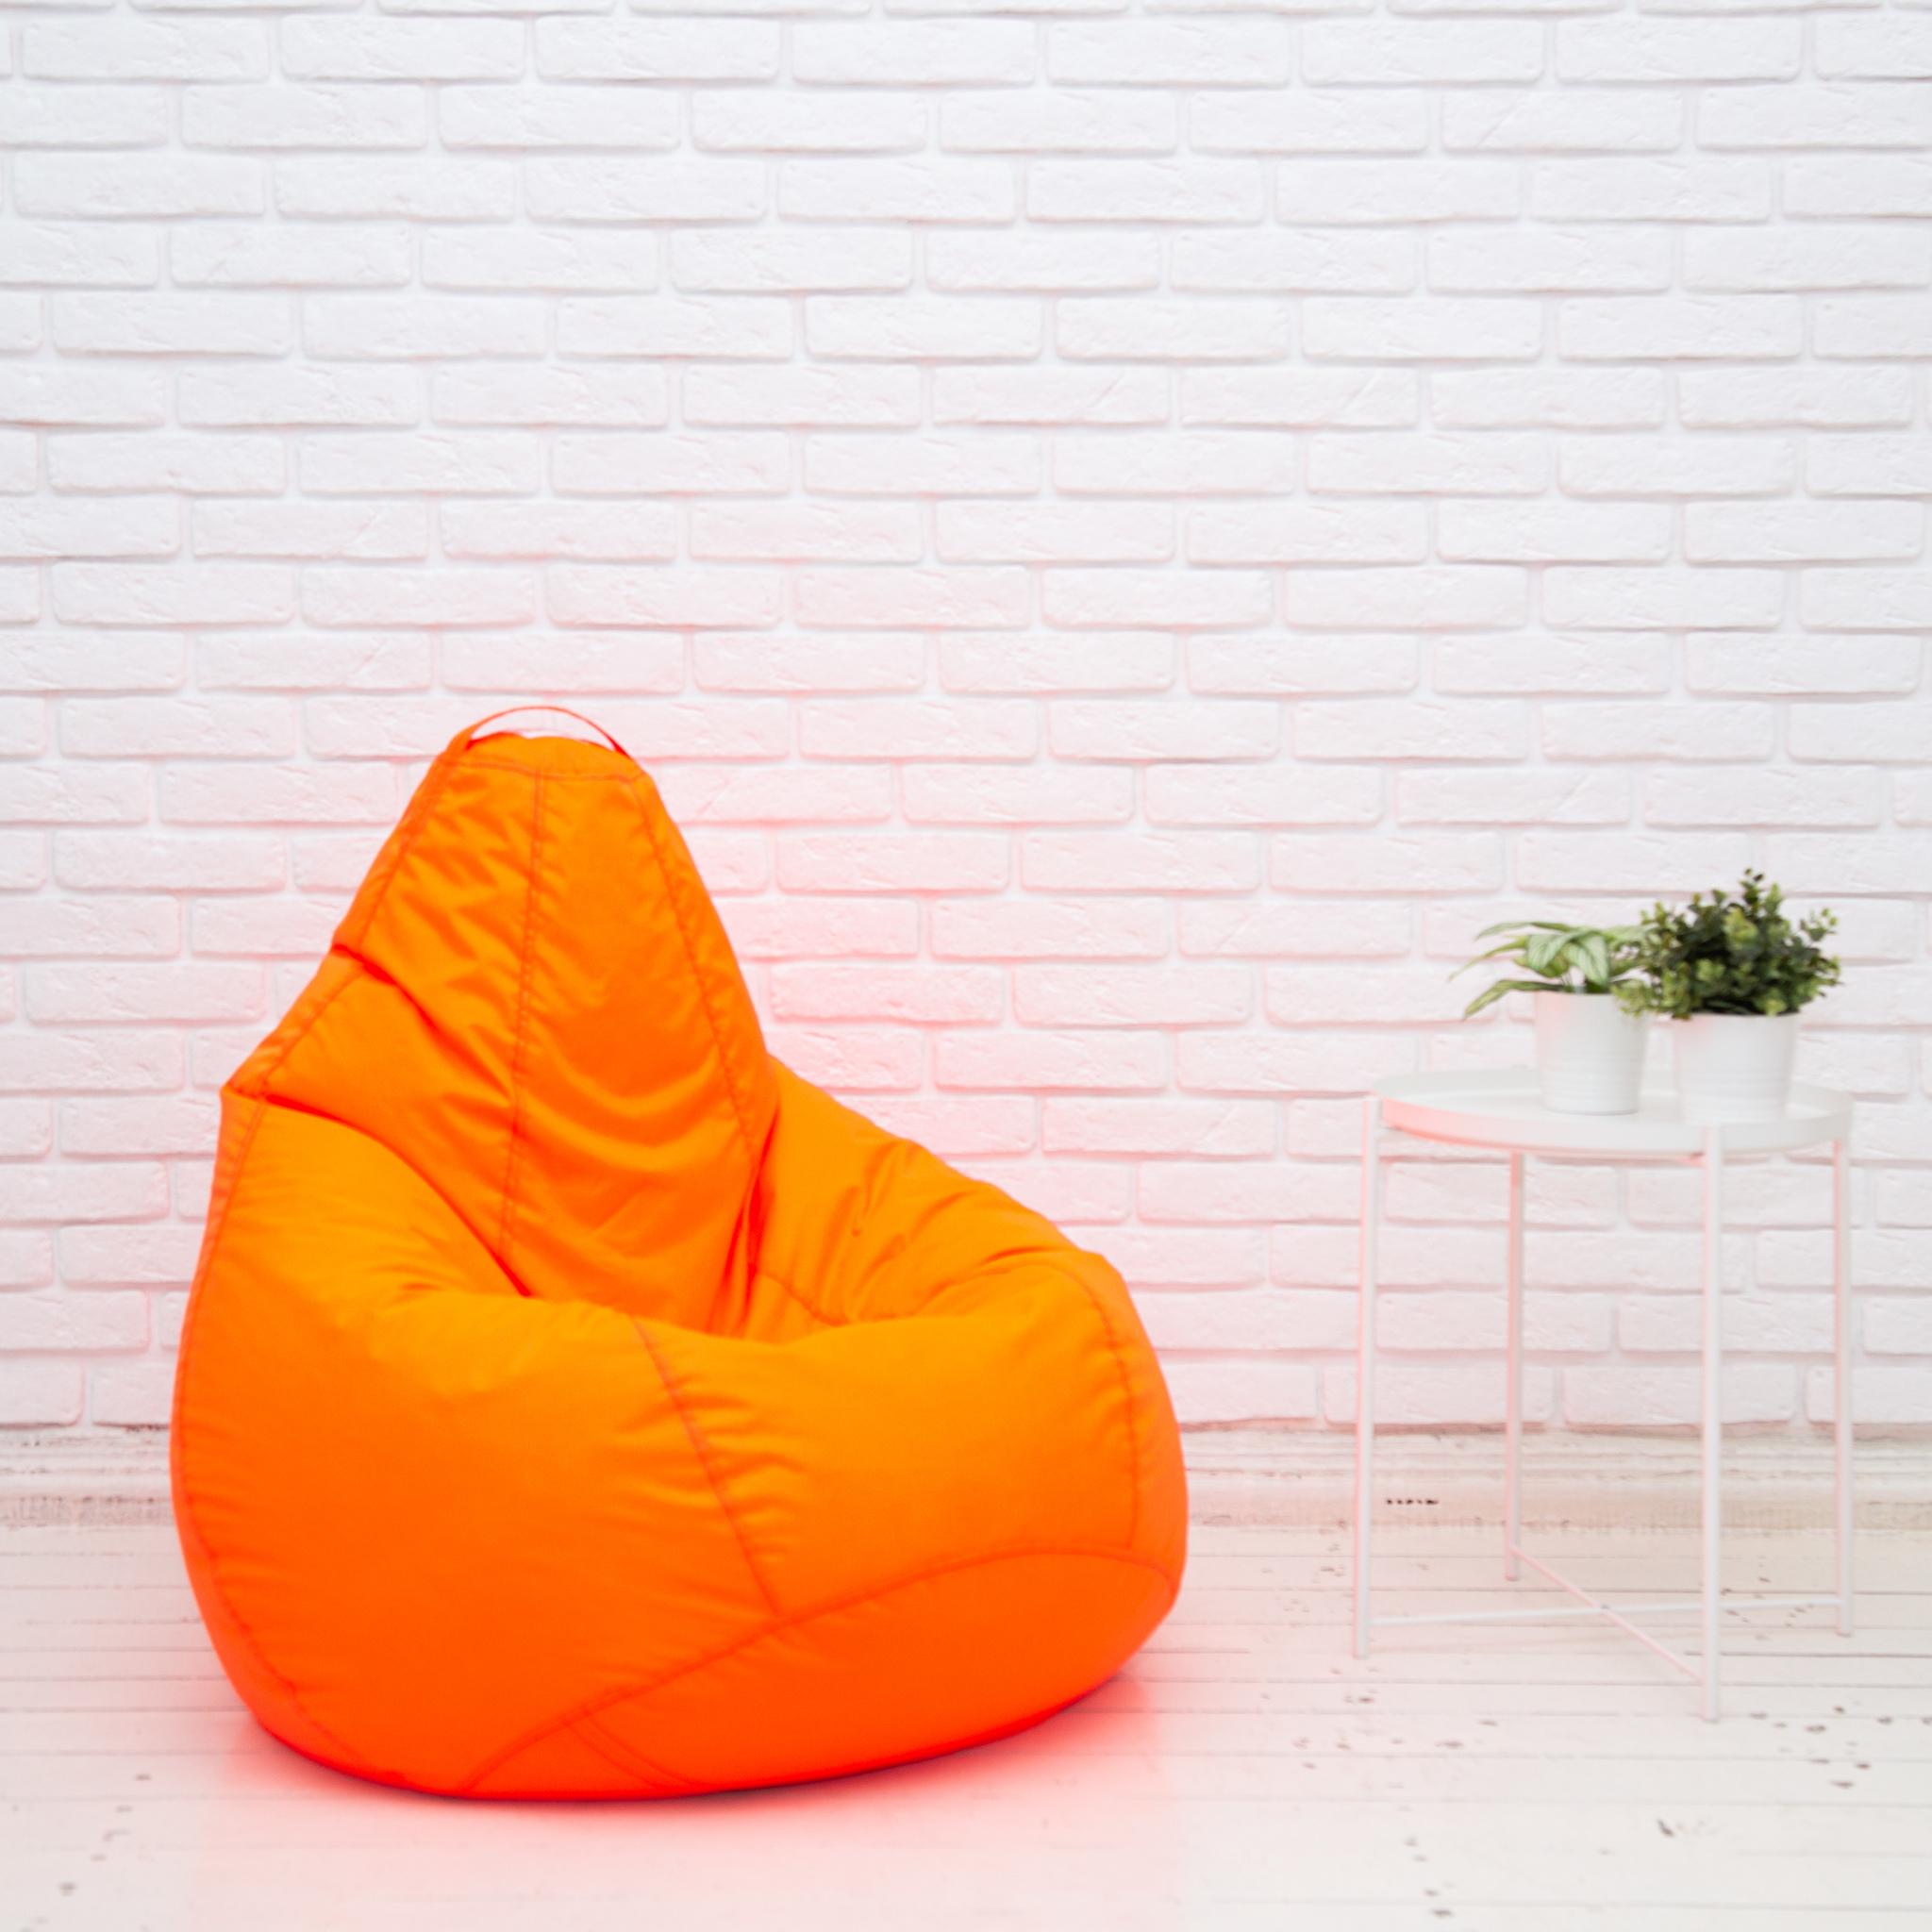 Груша M плащёвка, съёмный чехол (неоново-оранжевая)